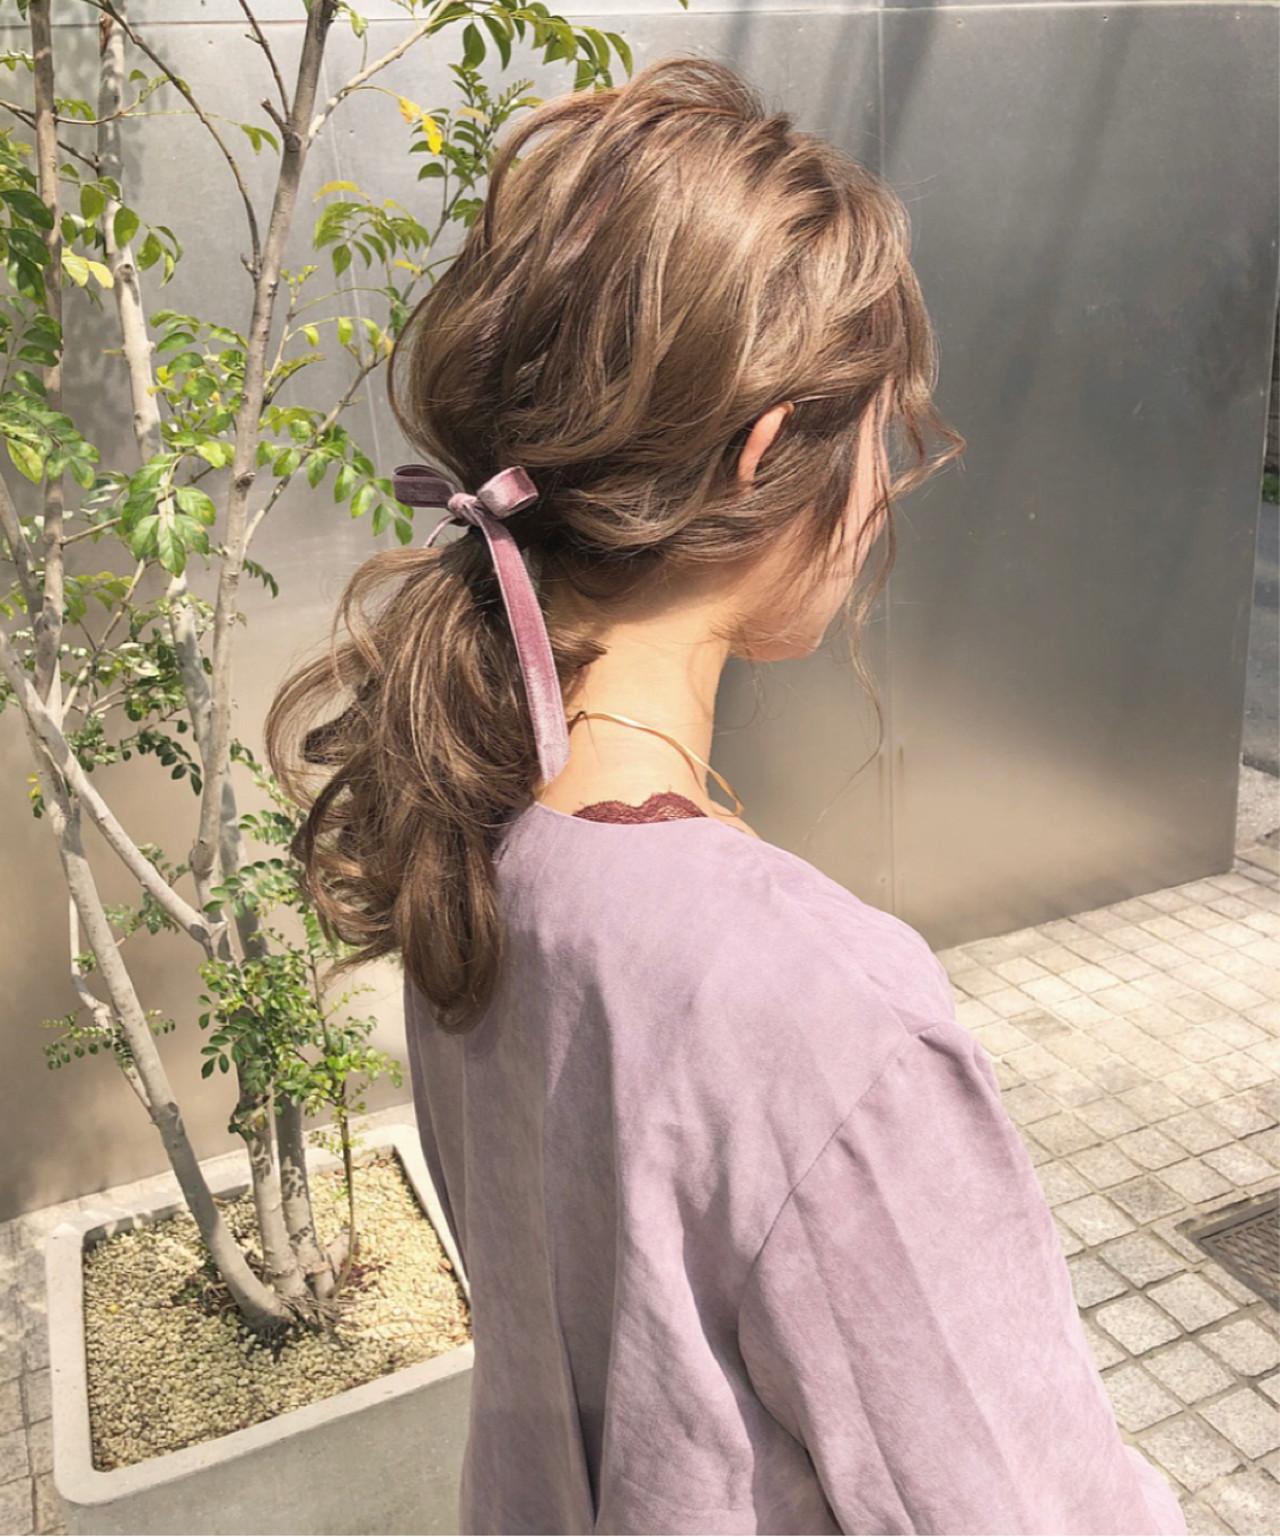 ポニーテール ロング 簡単ヘアアレンジ デート ヘアスタイルや髪型の写真・画像